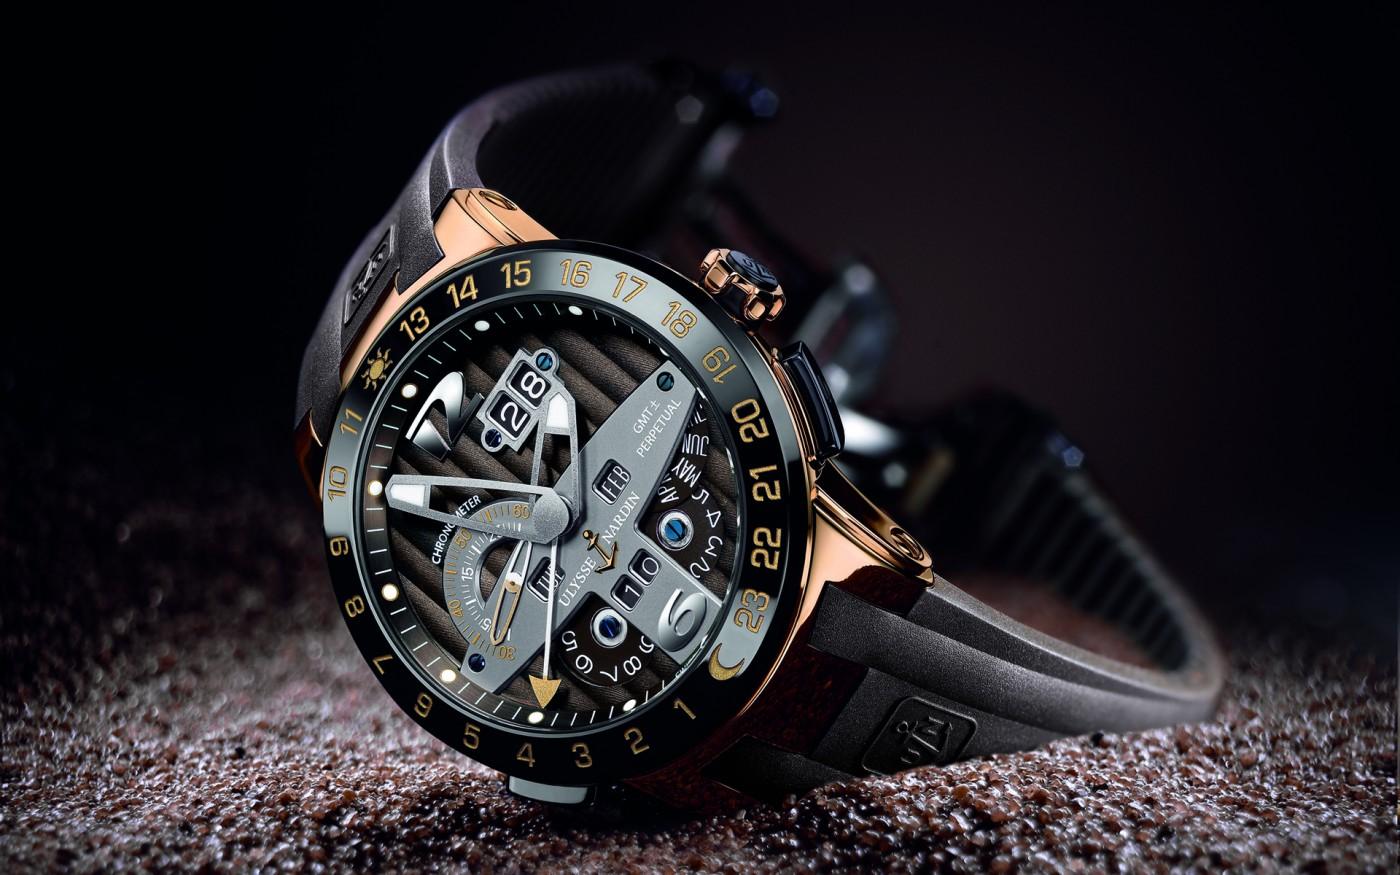 Нужно продать что знать часы чтобы burberry продать часы